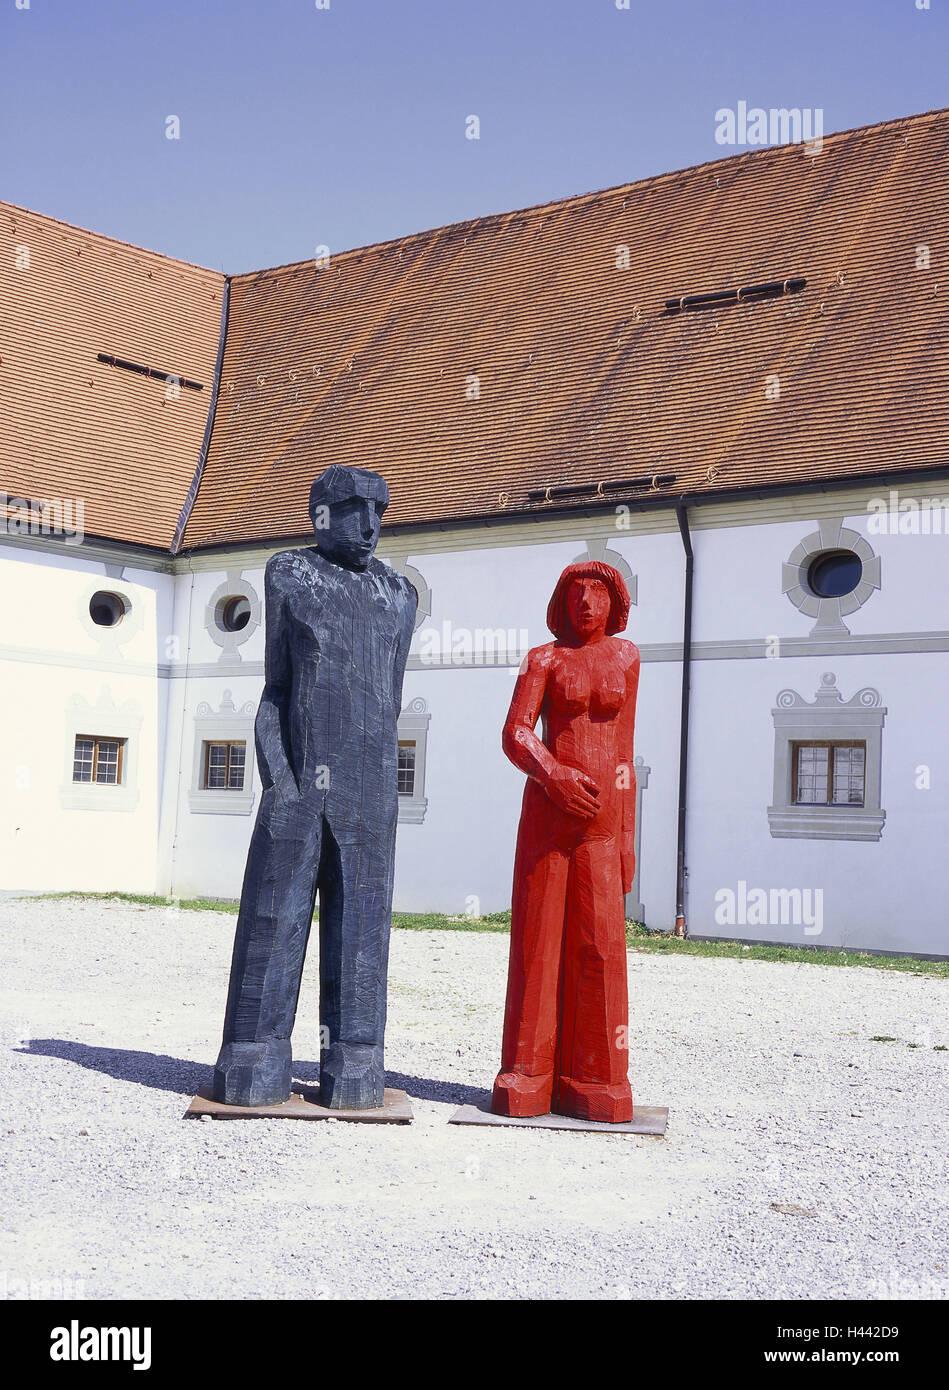 Deutschland Bayern Benediktbeuern Kloster Gericht Skulpturen Suddeutschland Oberbayern Kloster Innenhof Ausstellung Kunst Modern Figuren Holz Kunststoff Holzfiguren Zeitgenossisch Mann Blau Frau Rot Draussen Menschenleer Skulptur